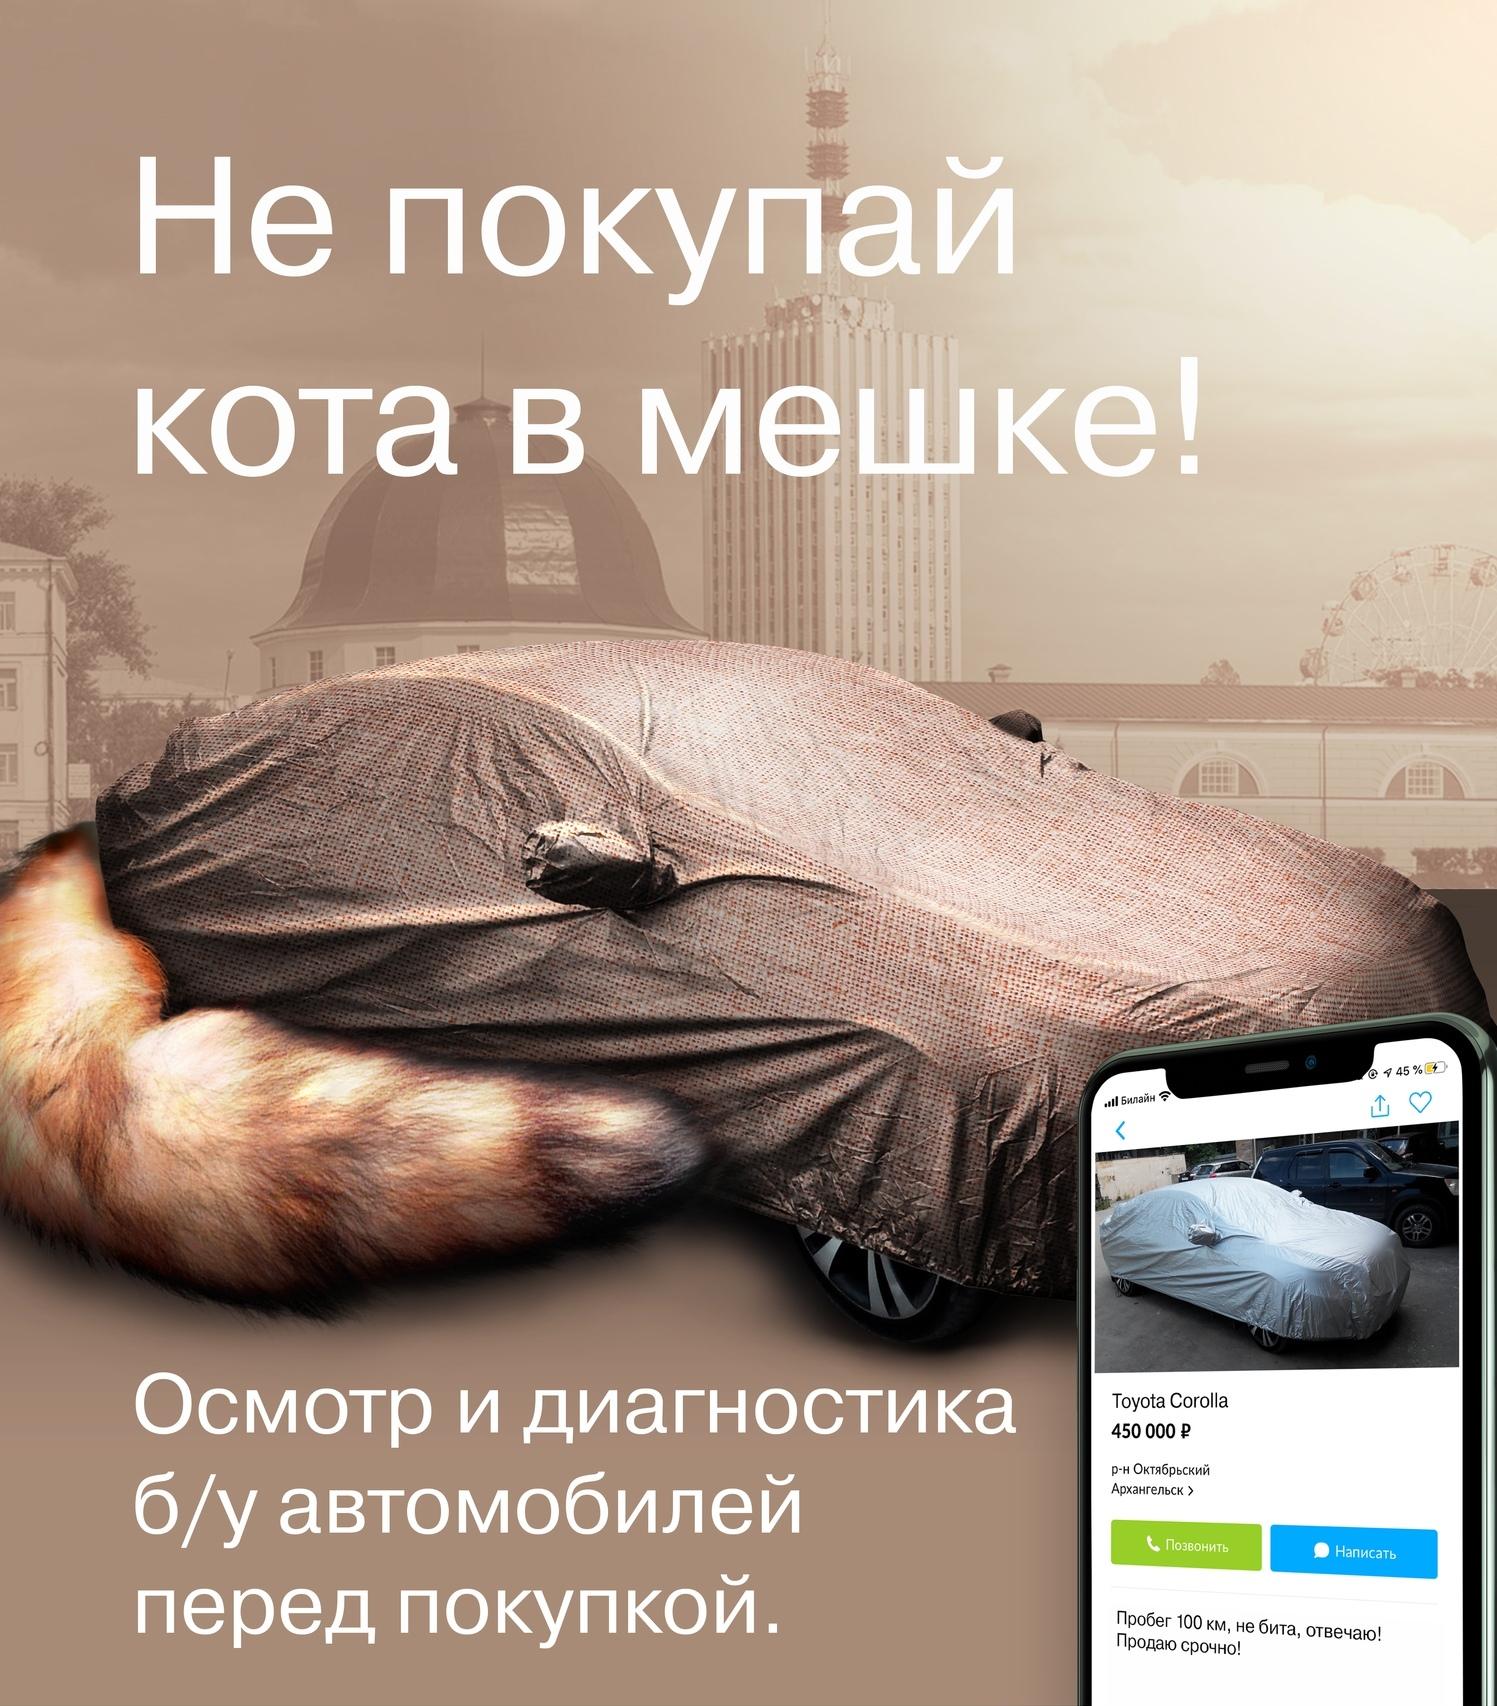 Не покупай кота в мешке!